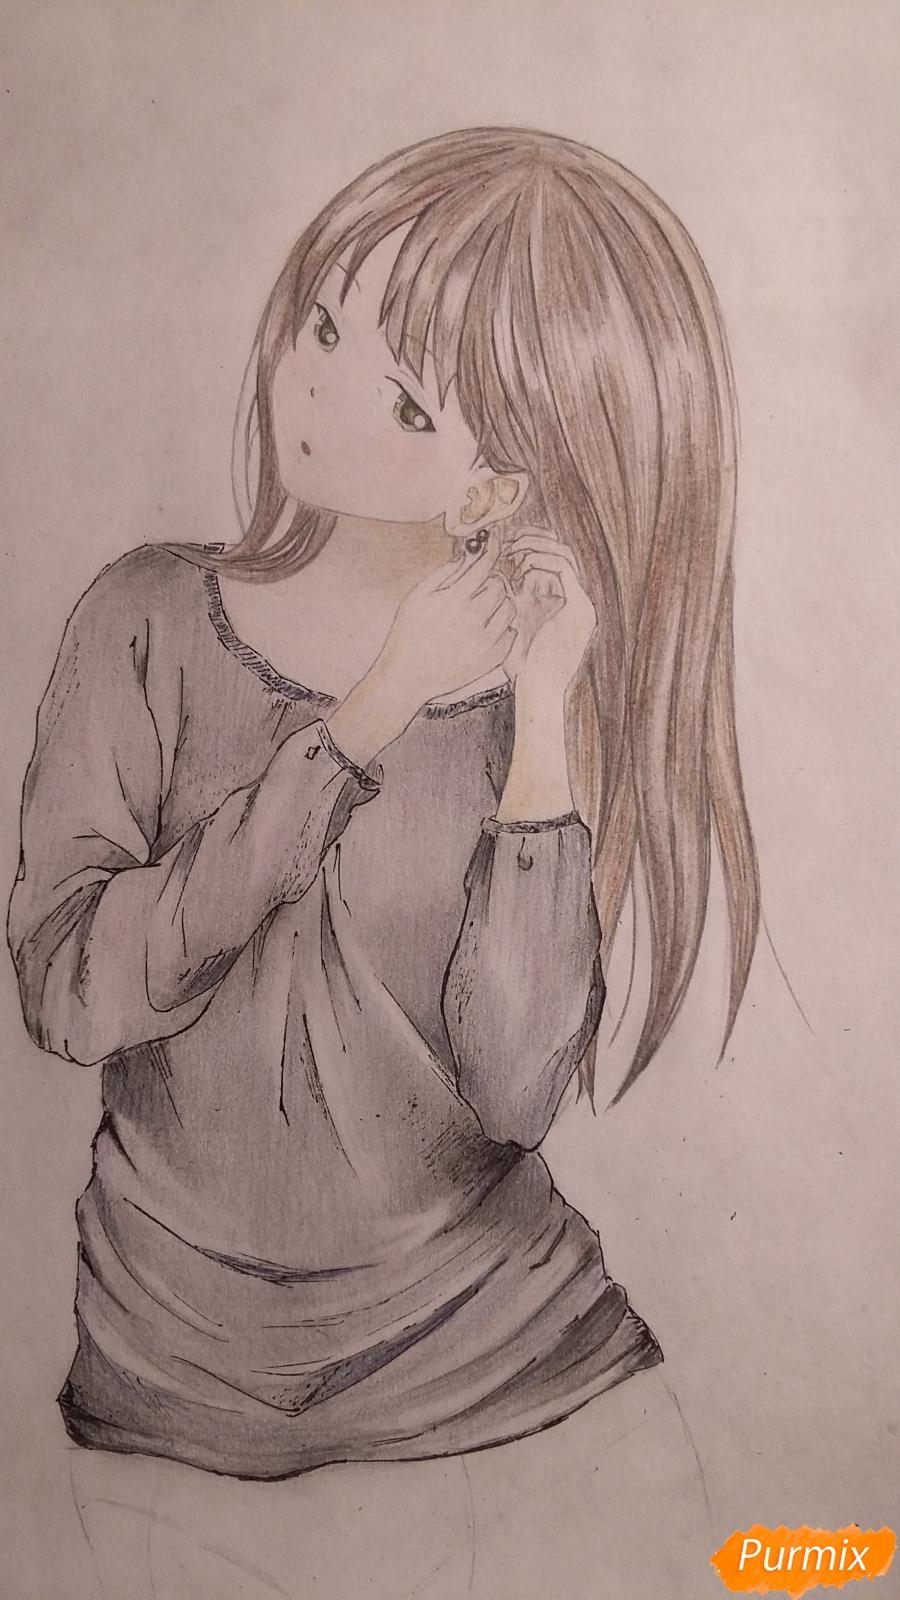 Как нарисовать милую девушку в аниме стиле карандашами поэтапно - шаг 8